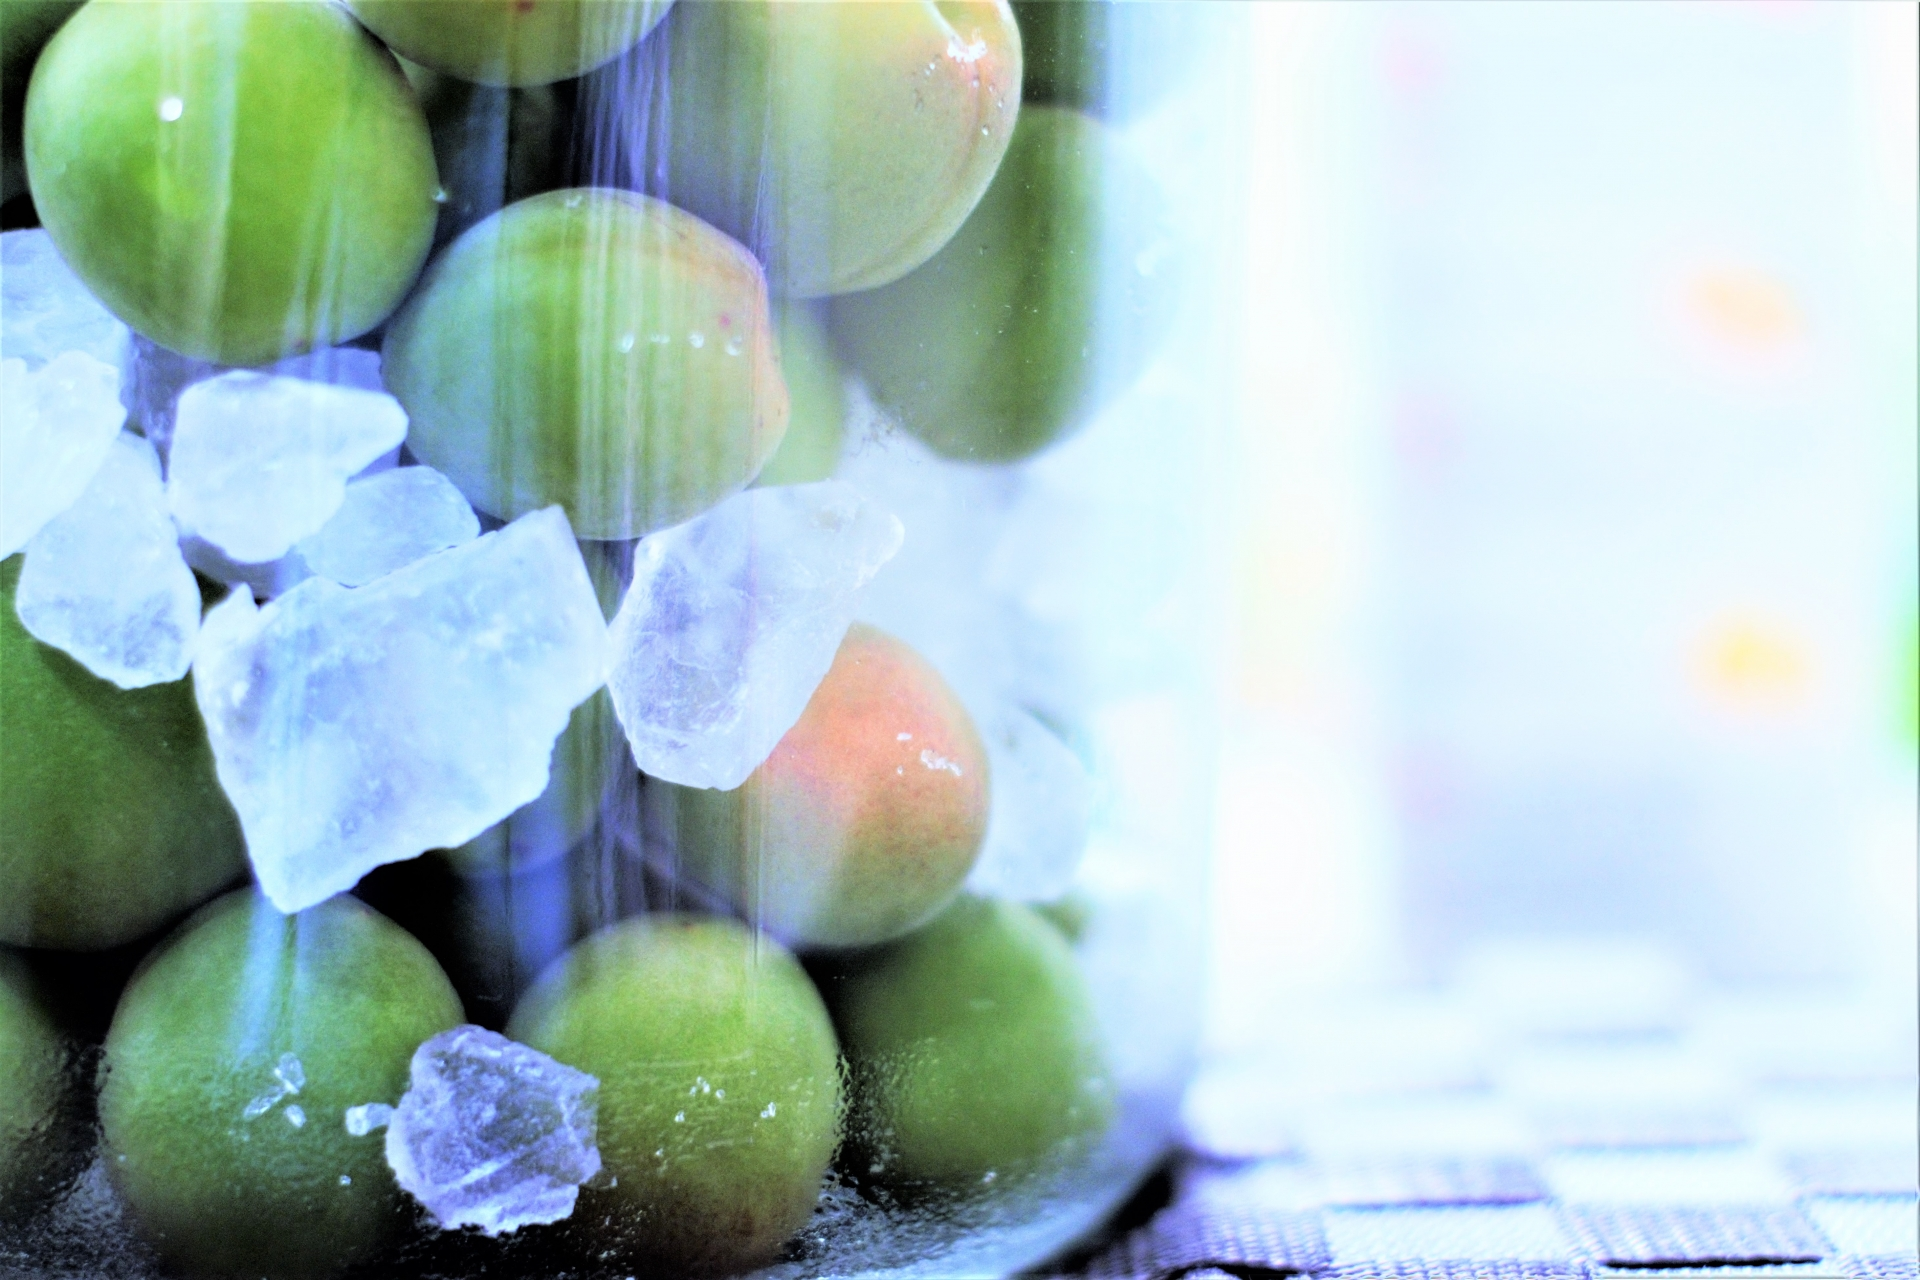 梅シロップには「青い梅」でも「黄色い梅」でも